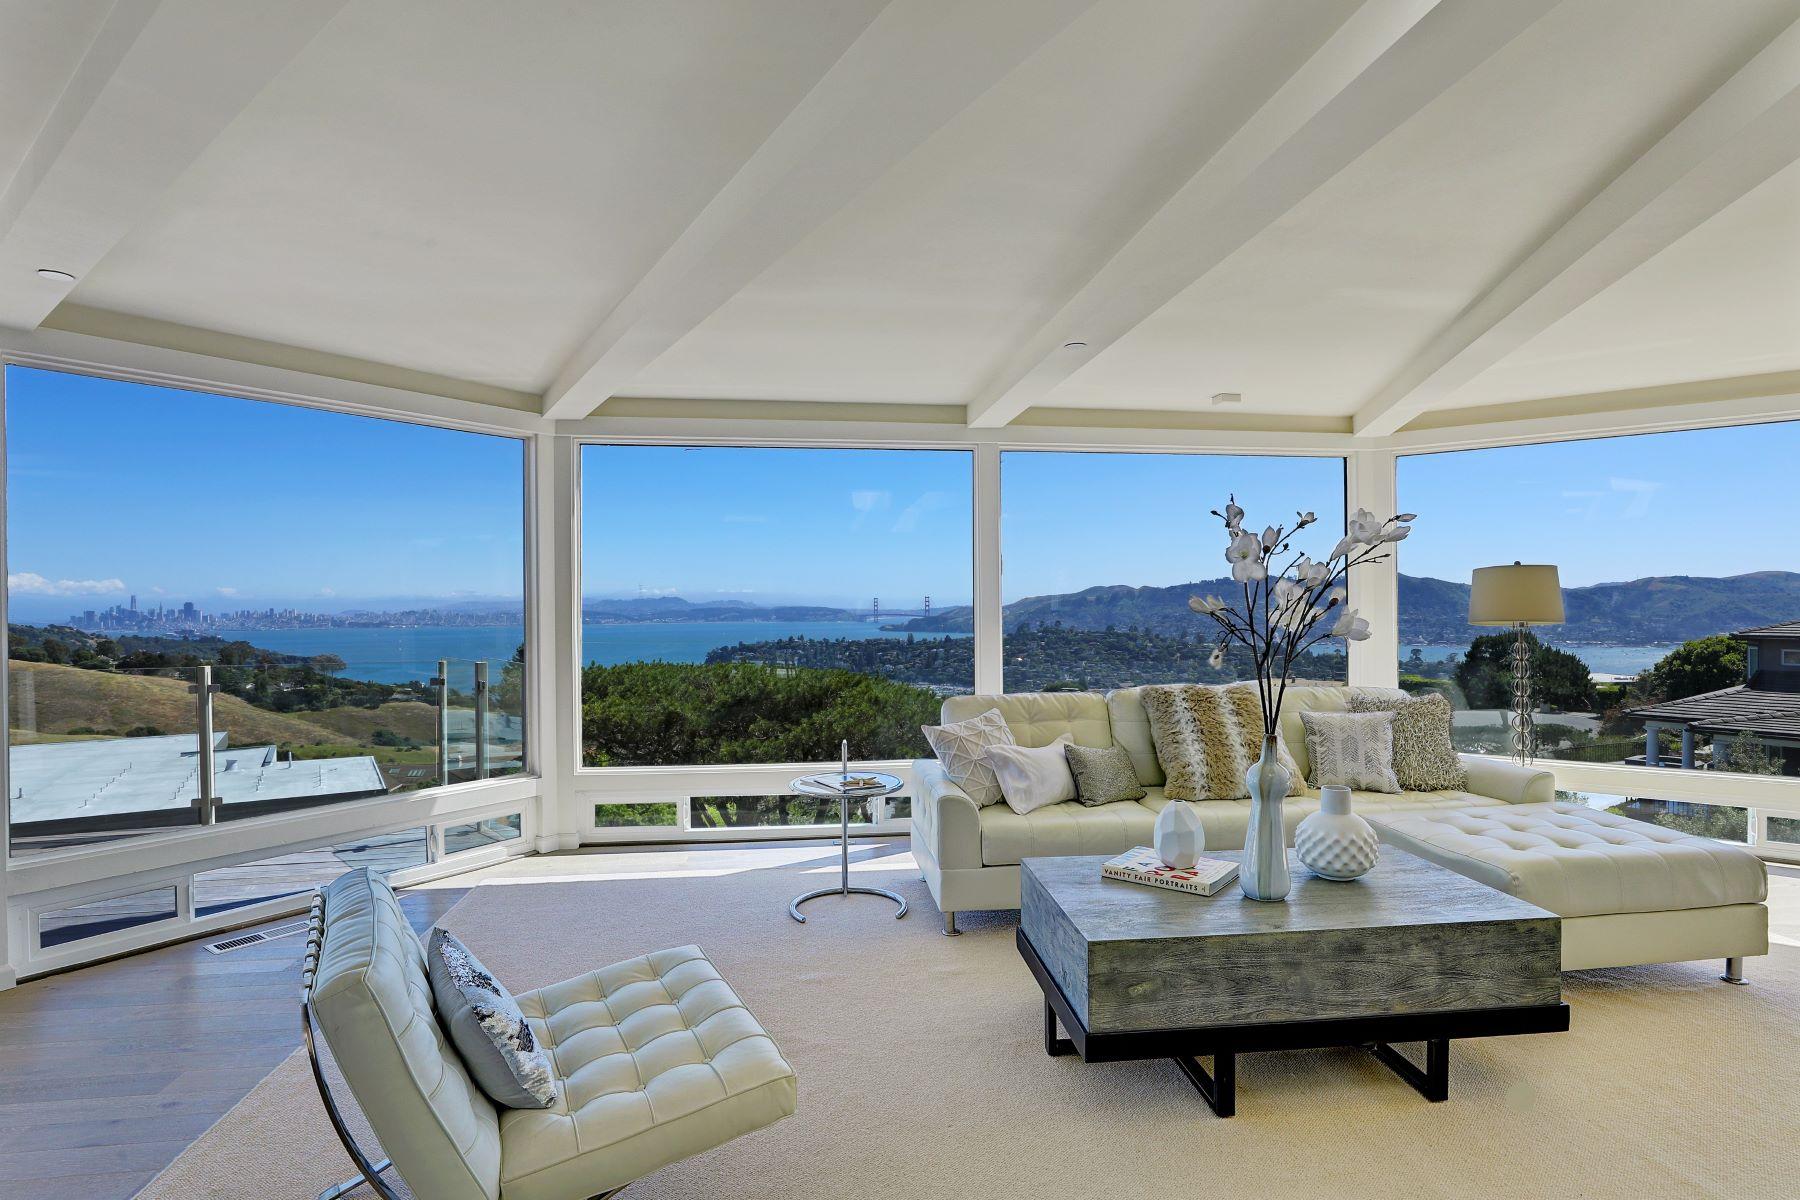 Casa Unifamiliar por un Venta en Expansive, Unobstructed Views! 2 Heathcliff Dr Tiburon, California, 94920 Estados Unidos